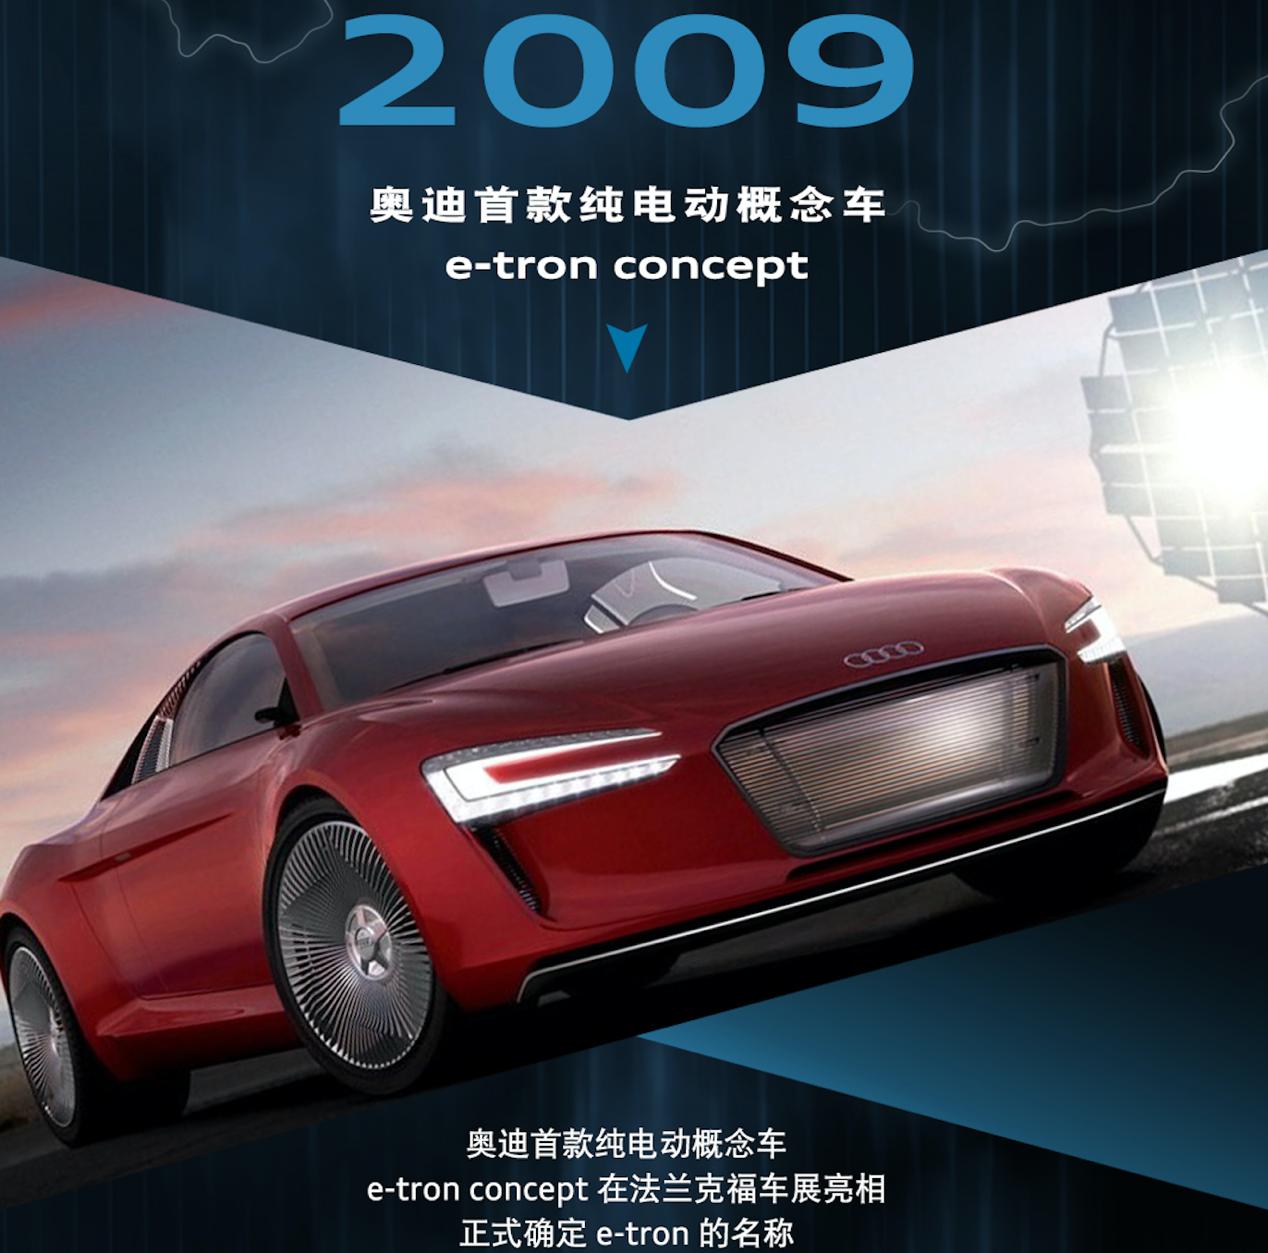 (2009年 e-tron首款概念车发布)